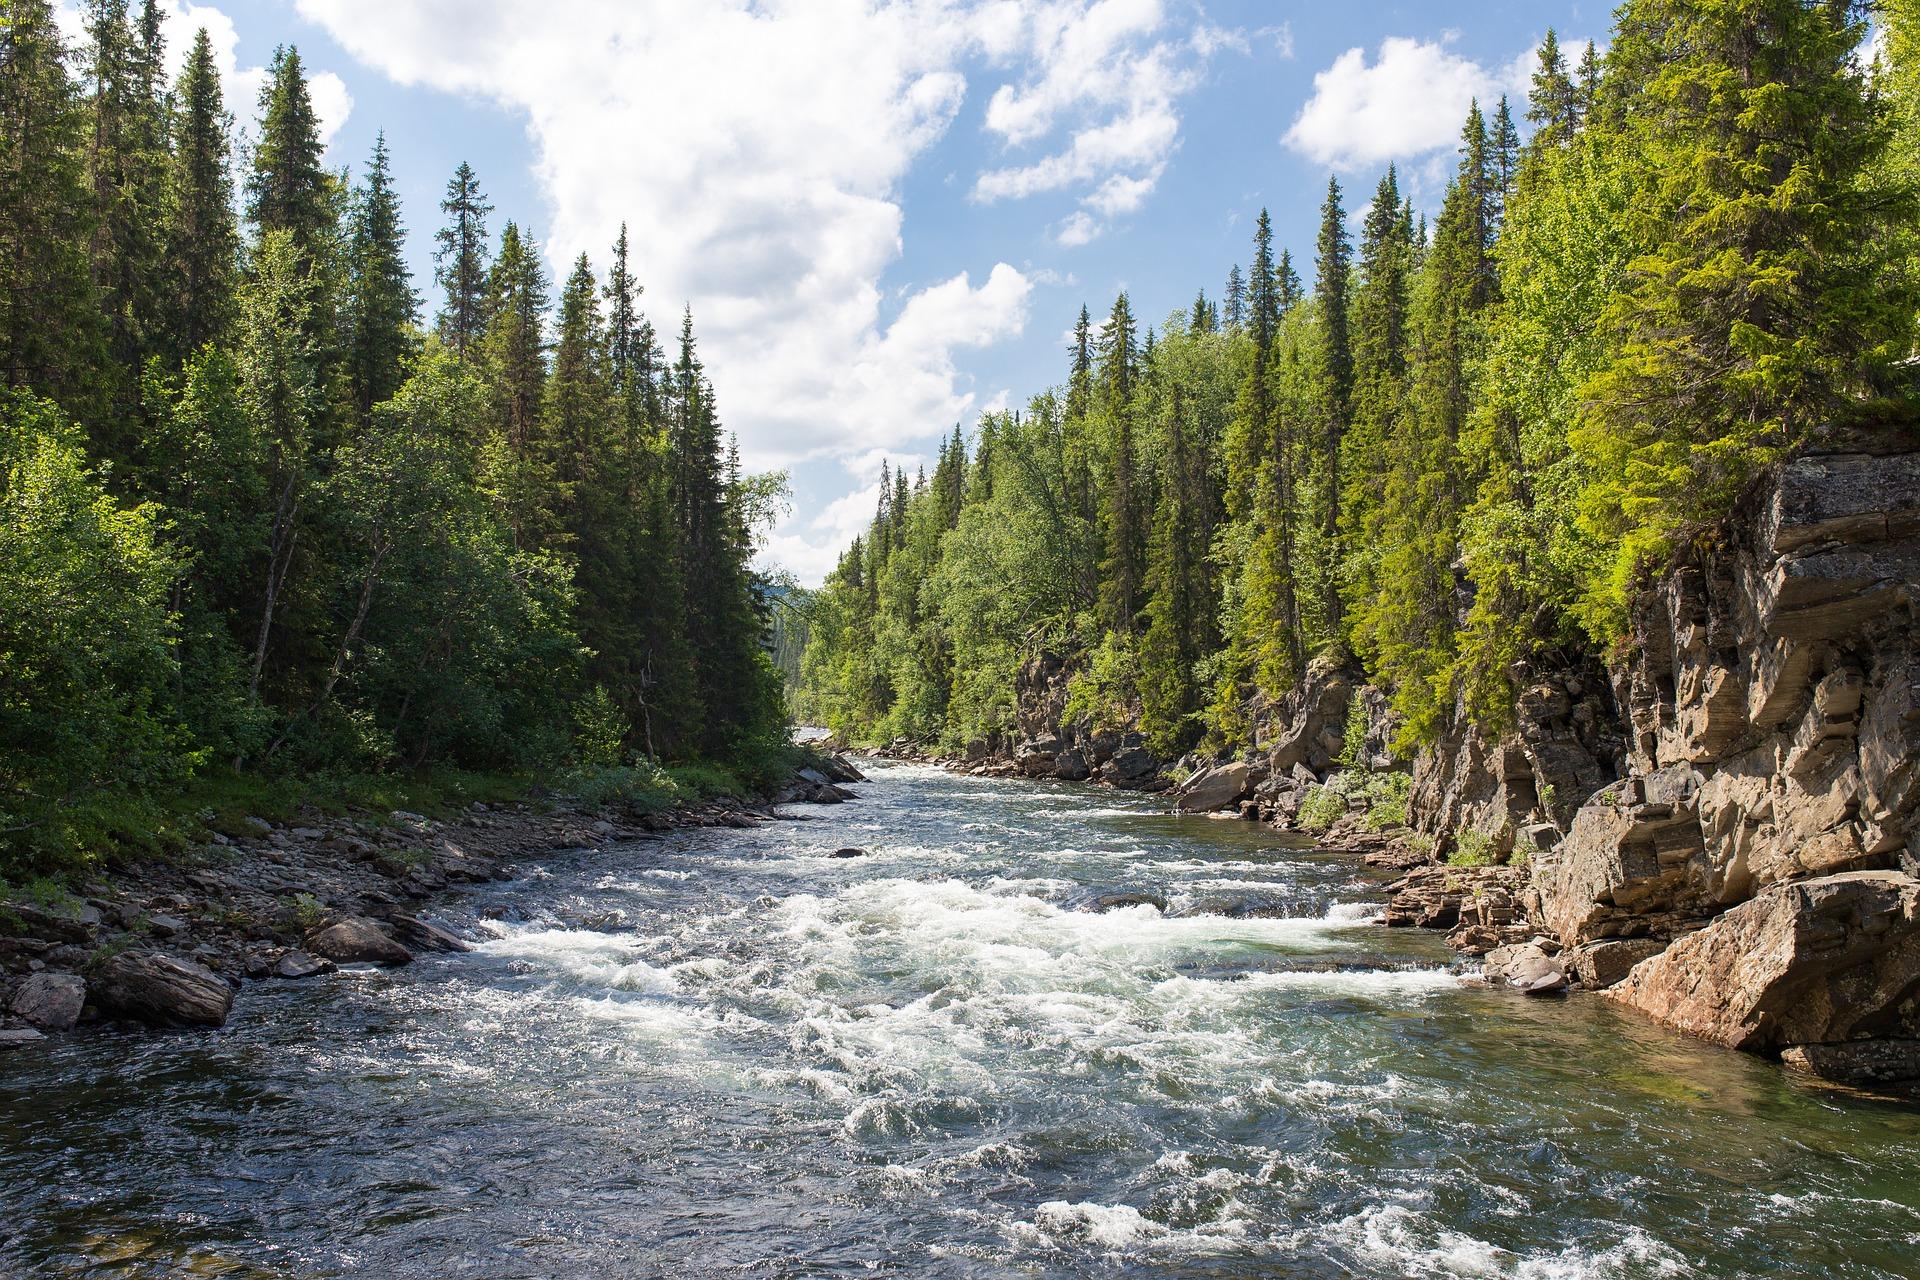 river-1209025_1920.jpg